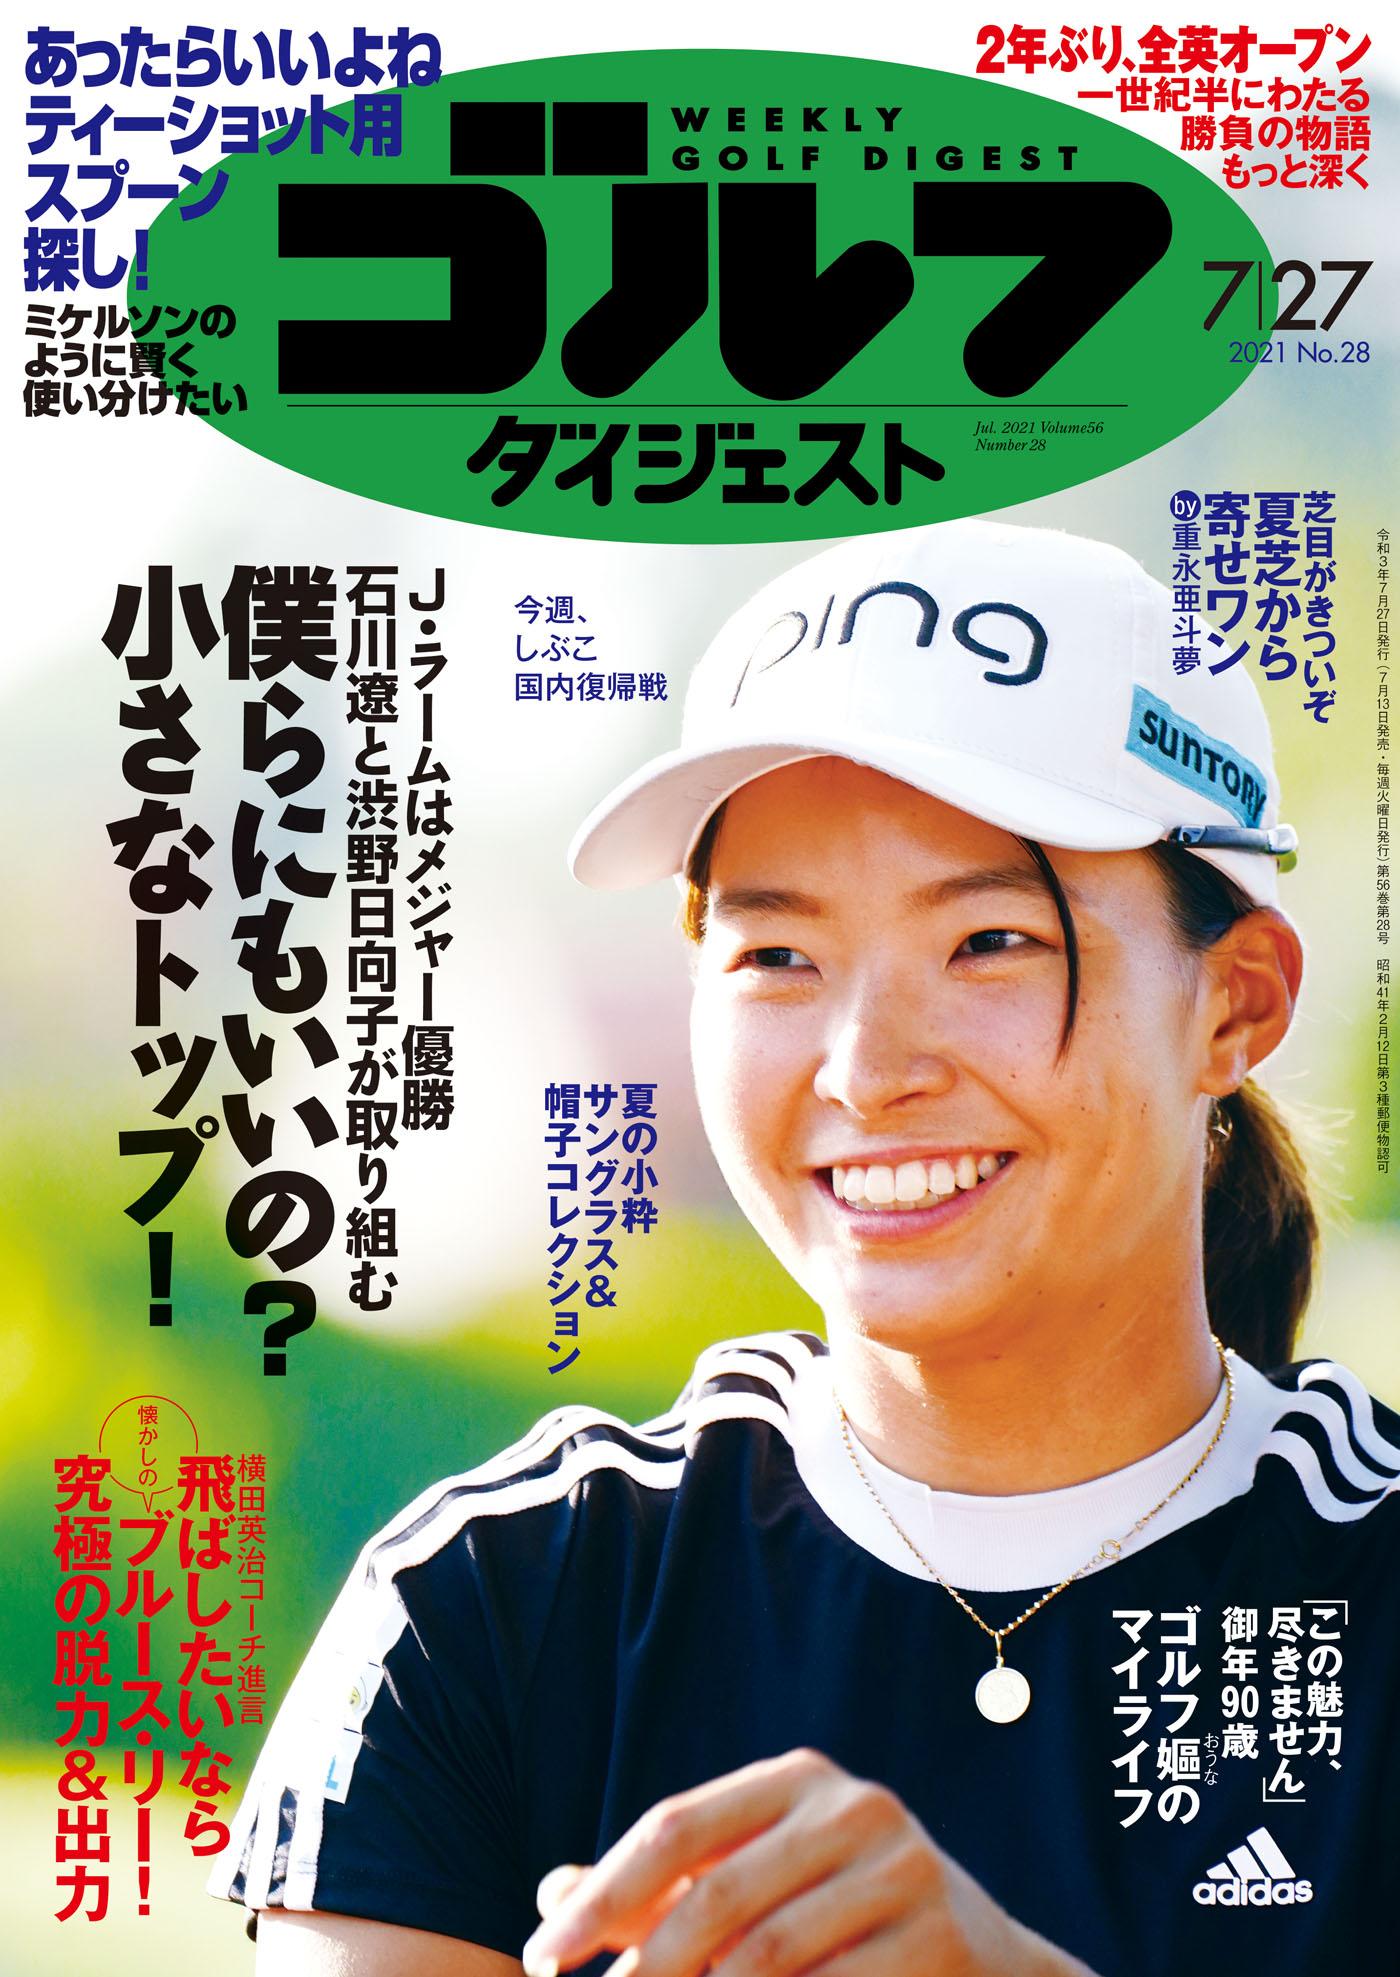 週刊ゴルフダイジェスト2021年7月27日号